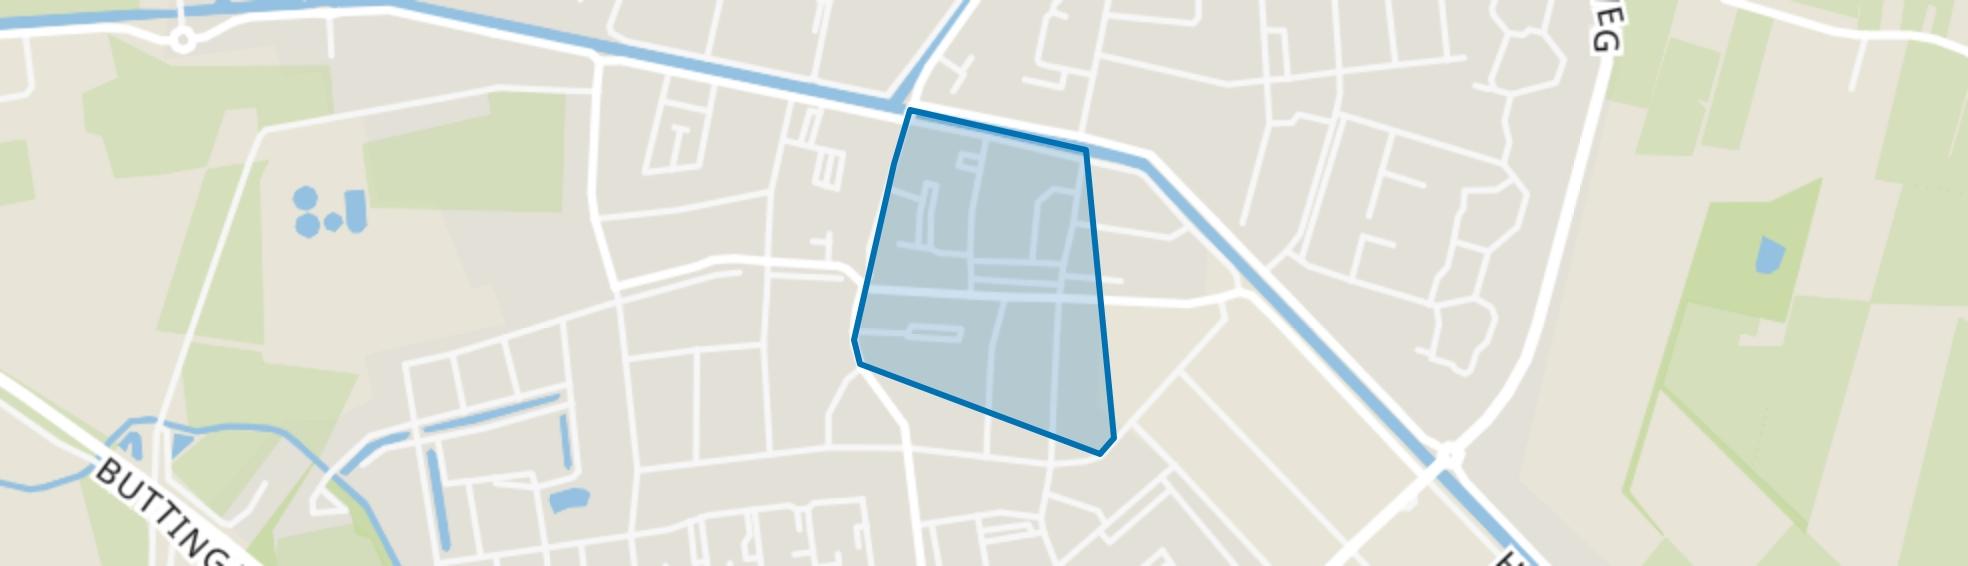 Oosterwolde-Centrum-Zuid-Oost, Oosterwolde (FR) map